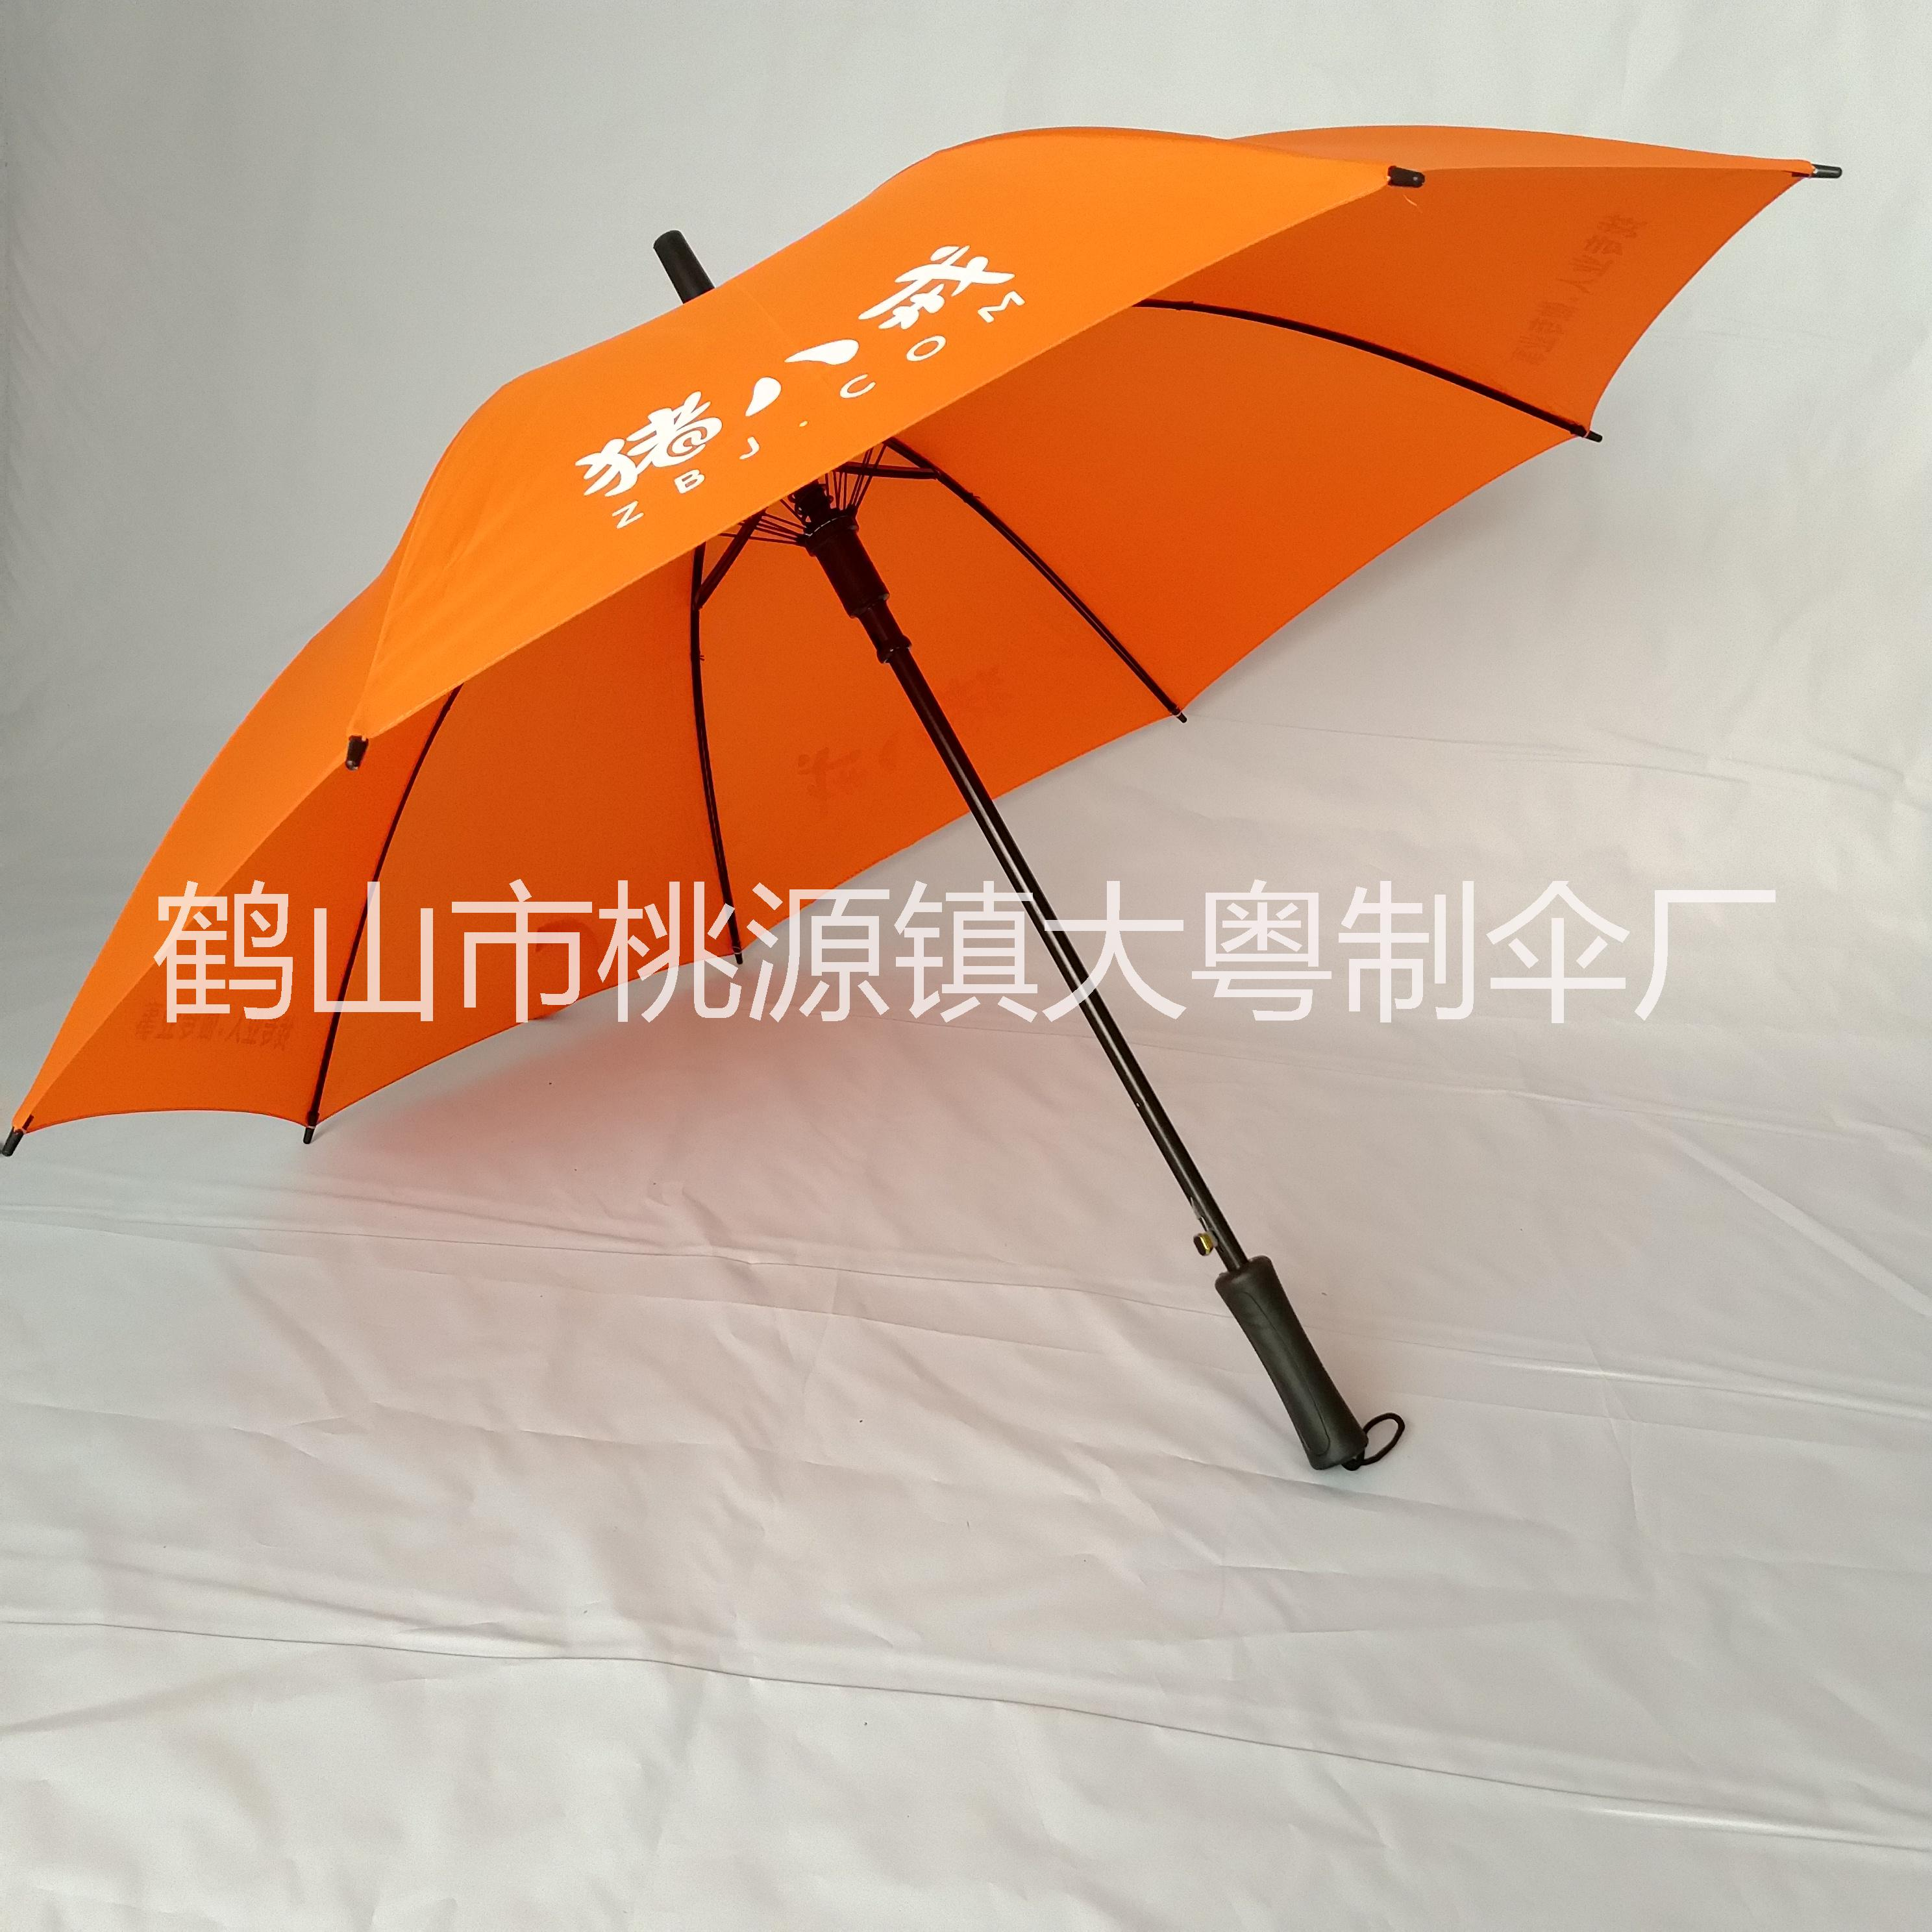 专业广告雨伞定做, 广告伞报价,定制礼品伞价格,雨伞生产厂家找大粤